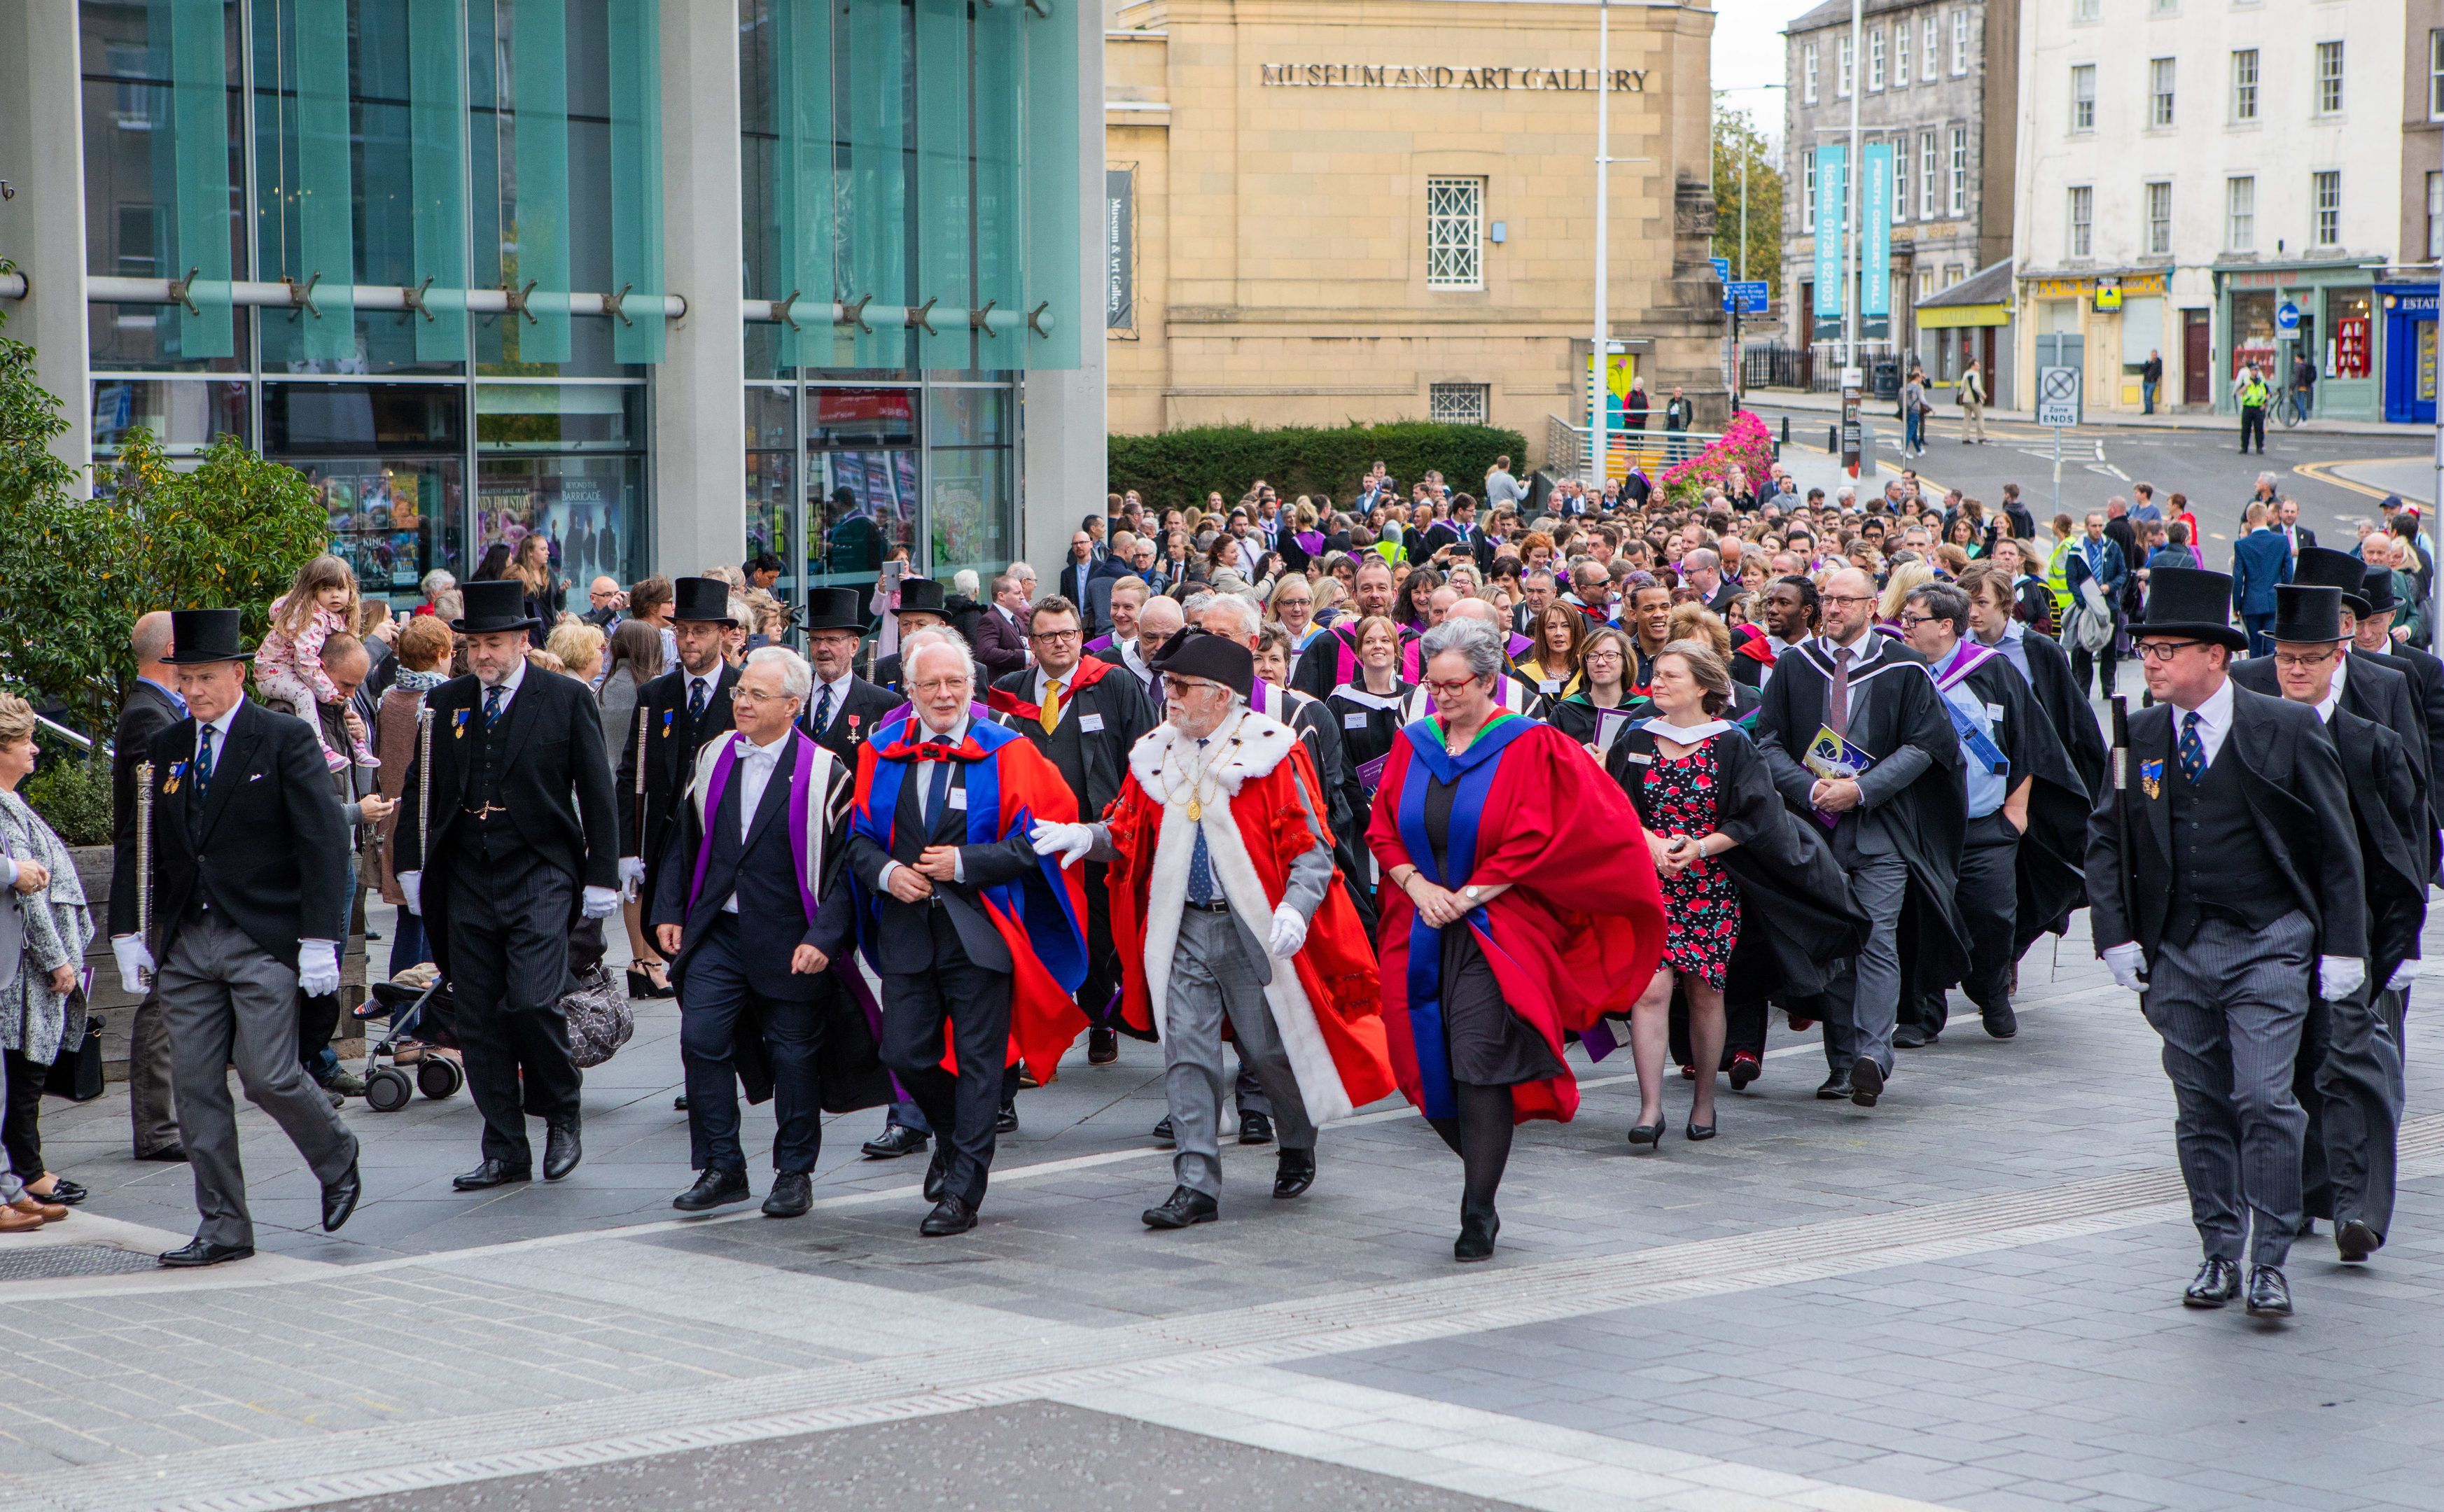 The Perth College graduation ceremony.